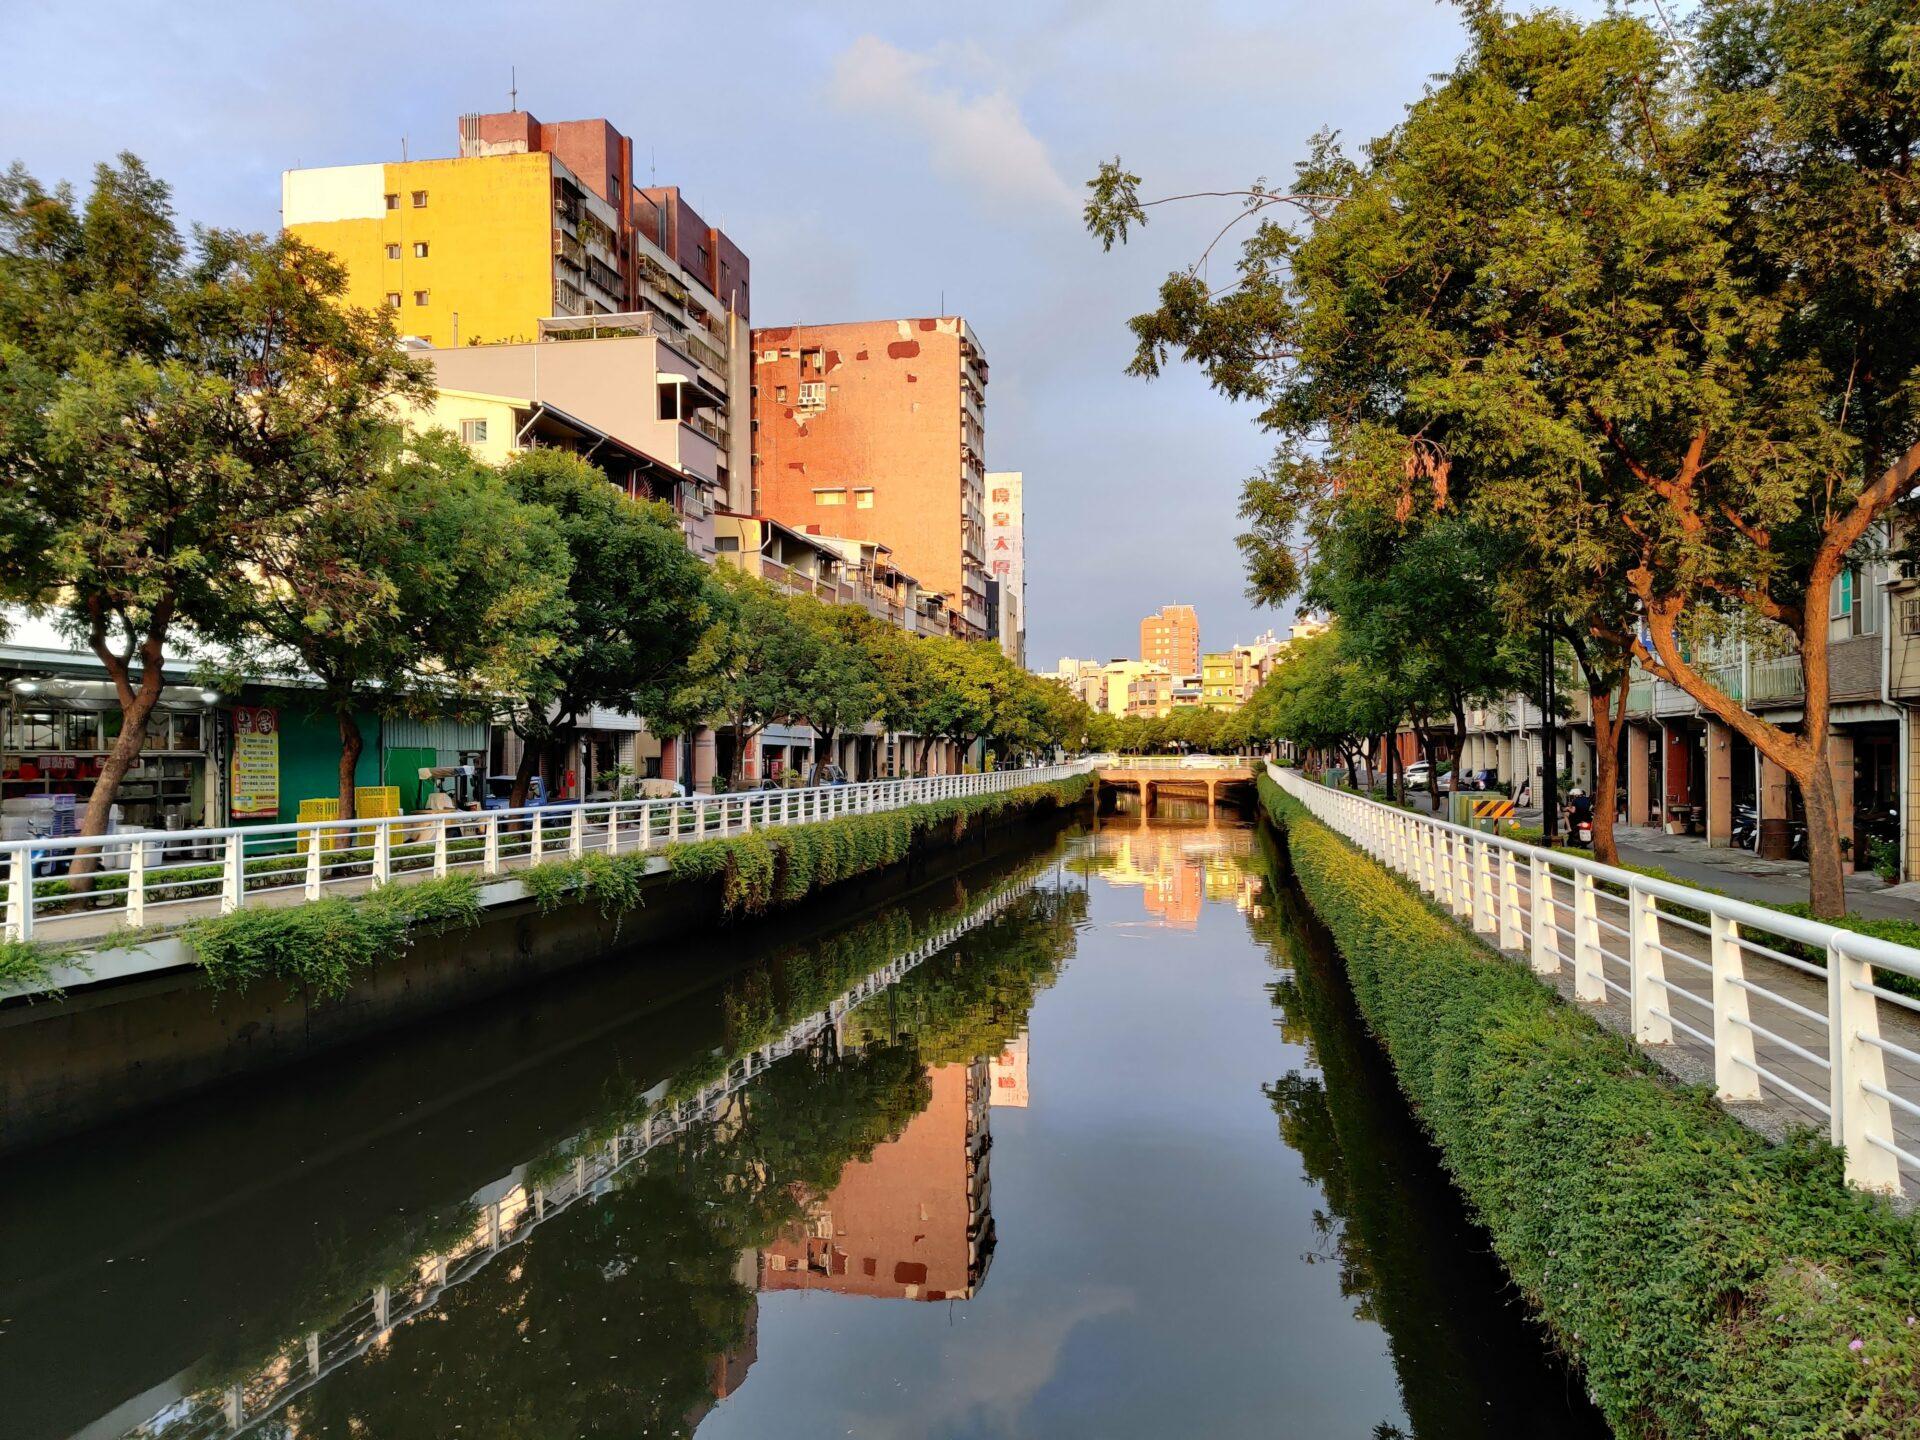 Xing Fu Chuan (Canal No. 2)